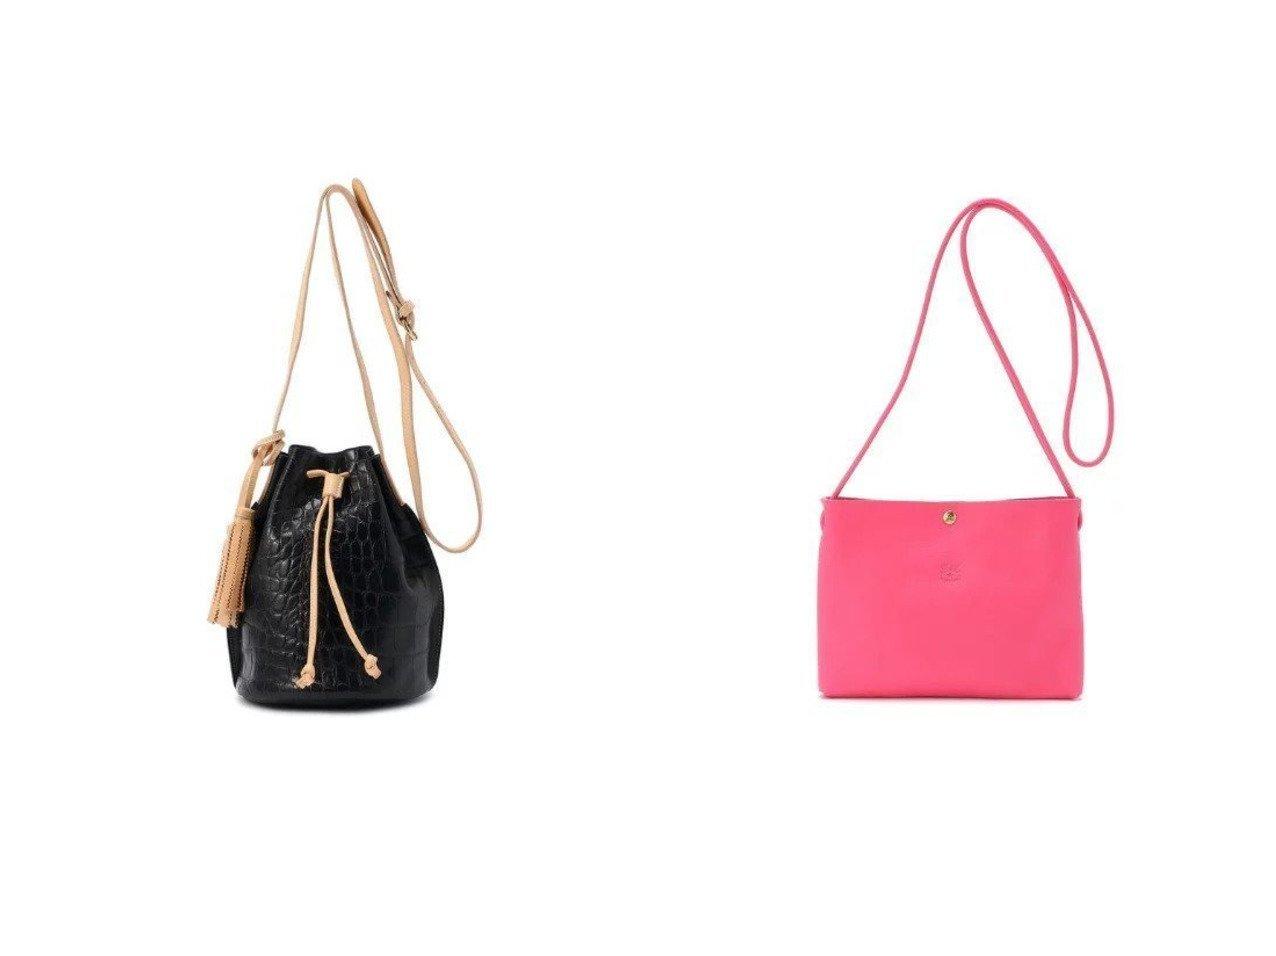 【IL BISONTE/イル ビゾンテ】のクロスボディバッグ&ショルダーバッグ 【バッグ・鞄】おすすめ!人気、トレンド・レディースファッションの通販 おすすめで人気の流行・トレンド、ファッションの通販商品 インテリア・家具・メンズファッション・キッズファッション・レディースファッション・服の通販 founy(ファニー) https://founy.com/ ファッション Fashion レディースファッション WOMEN バッグ Bag タッセル ラップ ショルダー スタイリッシュ スリム フォルム ポシェット ワンポイント |ID:crp329100000067743